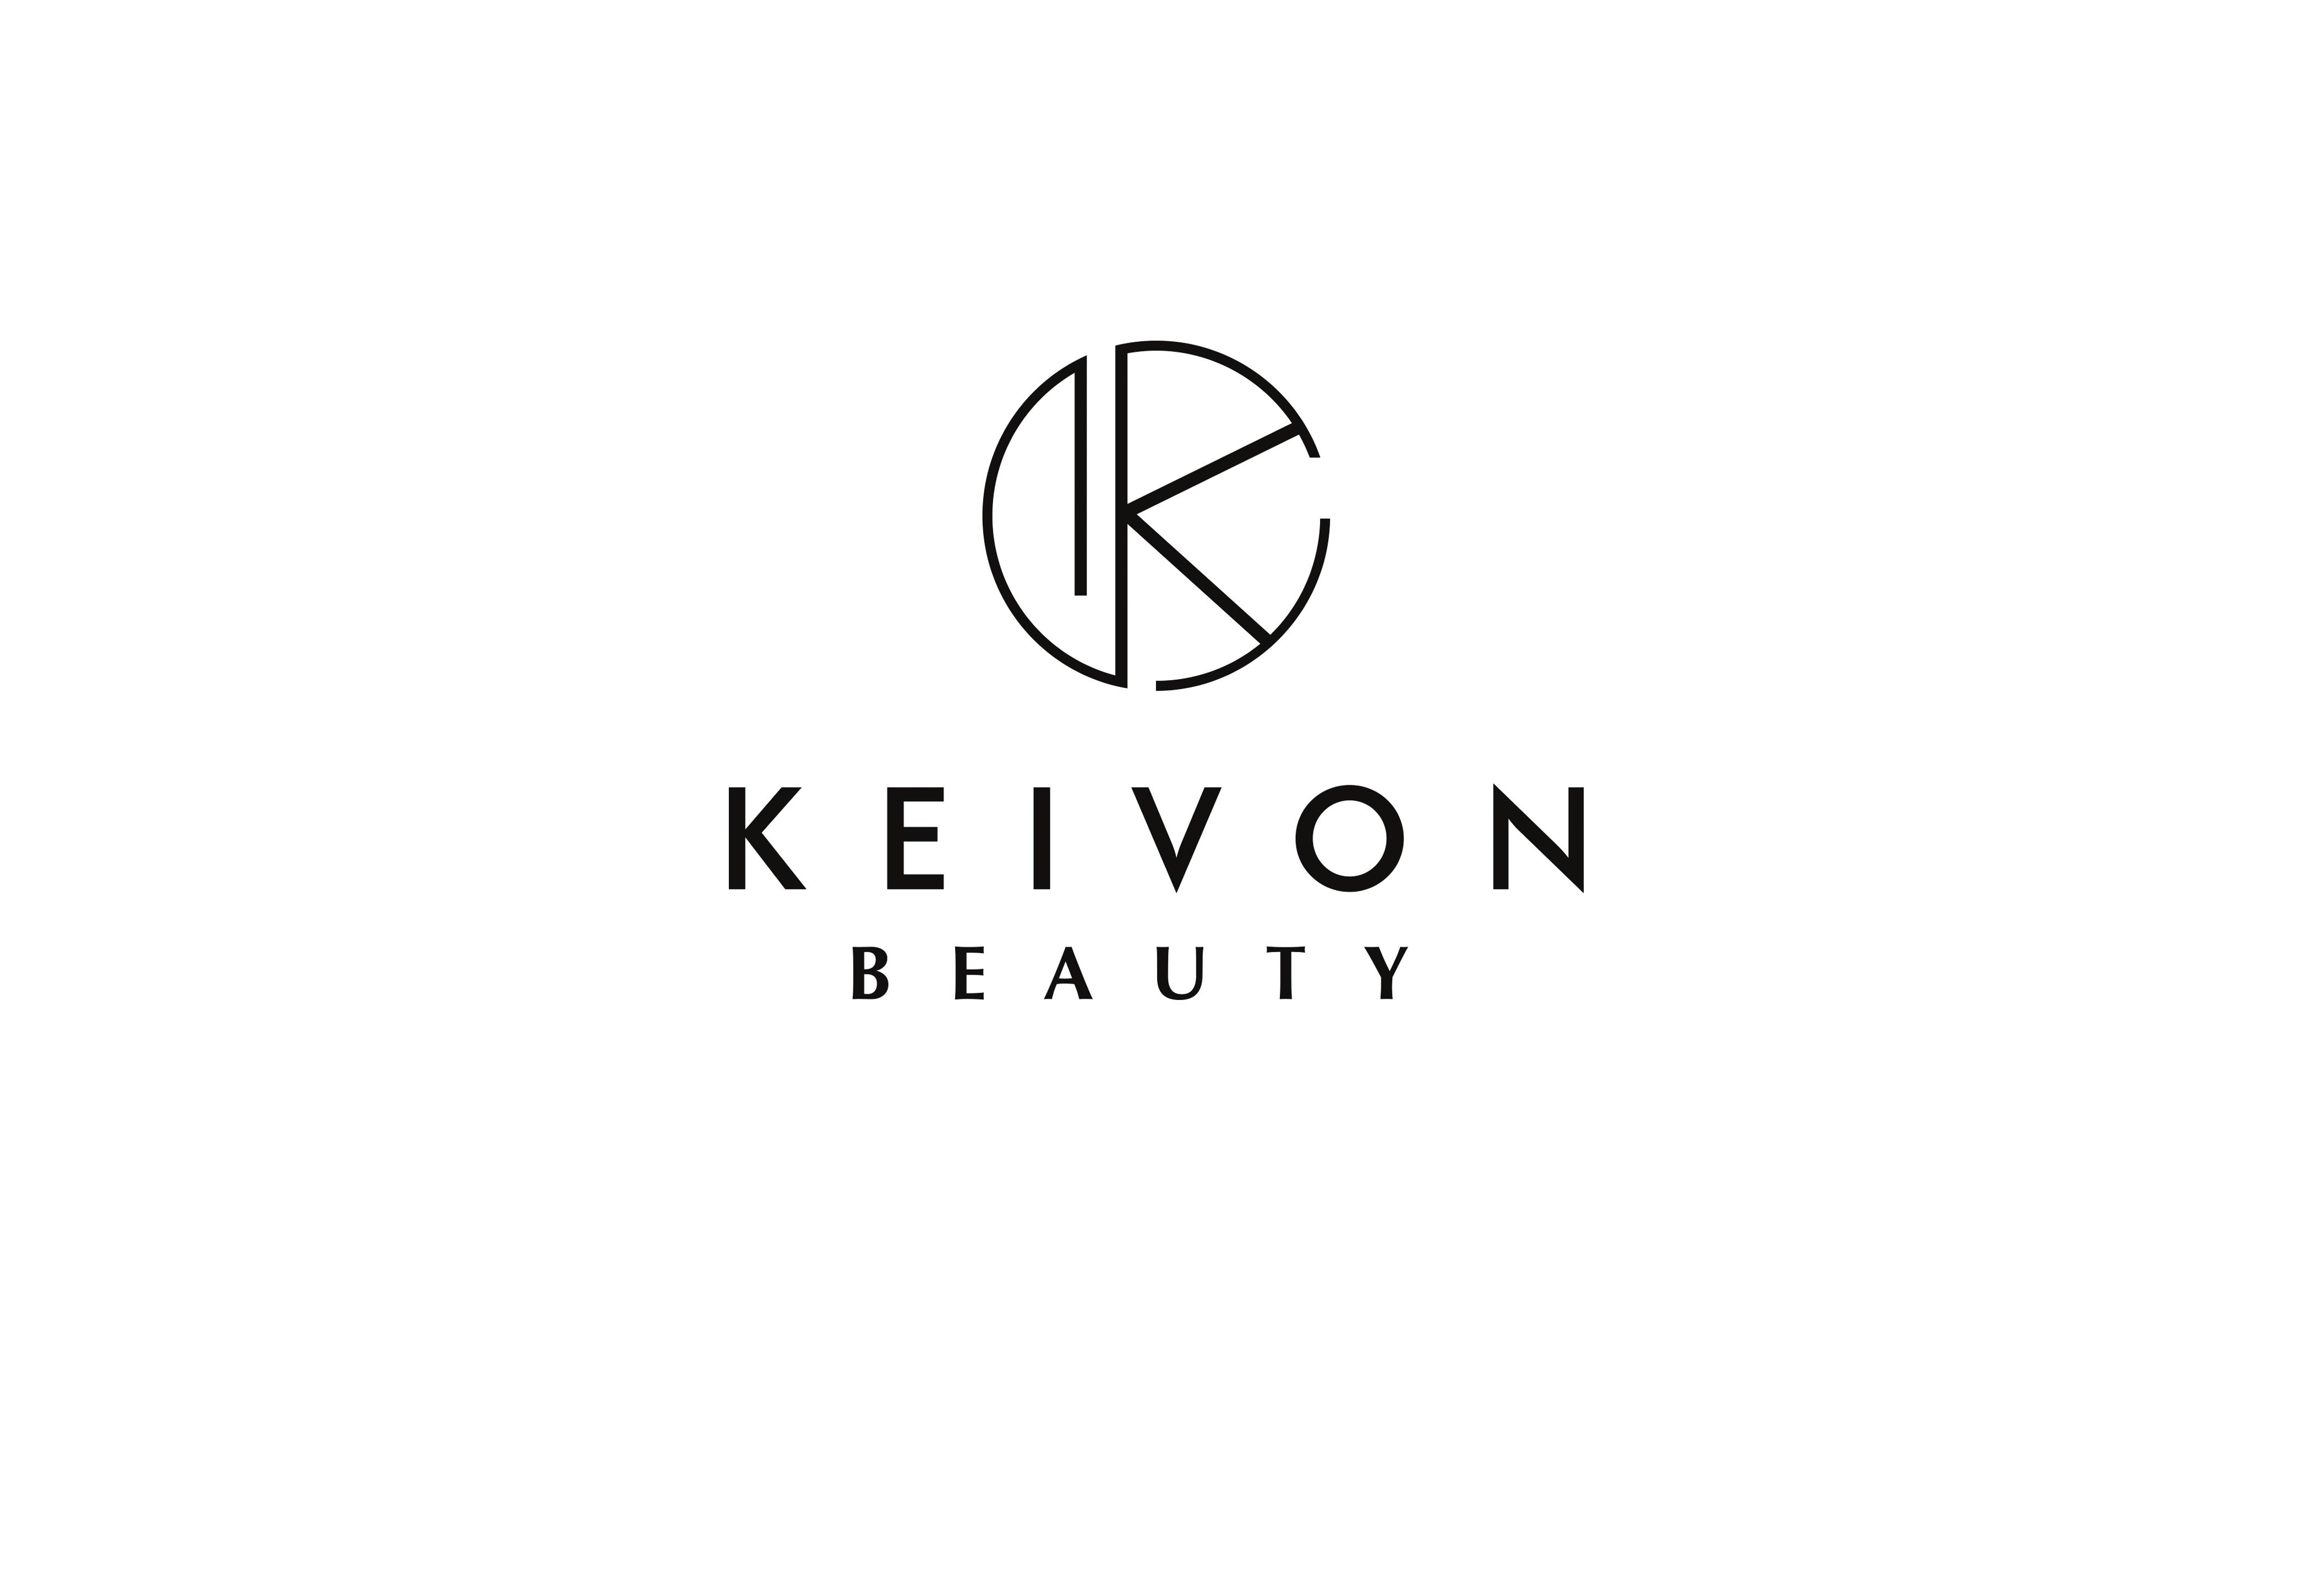 Keivon Beauty 美肌美甲美发